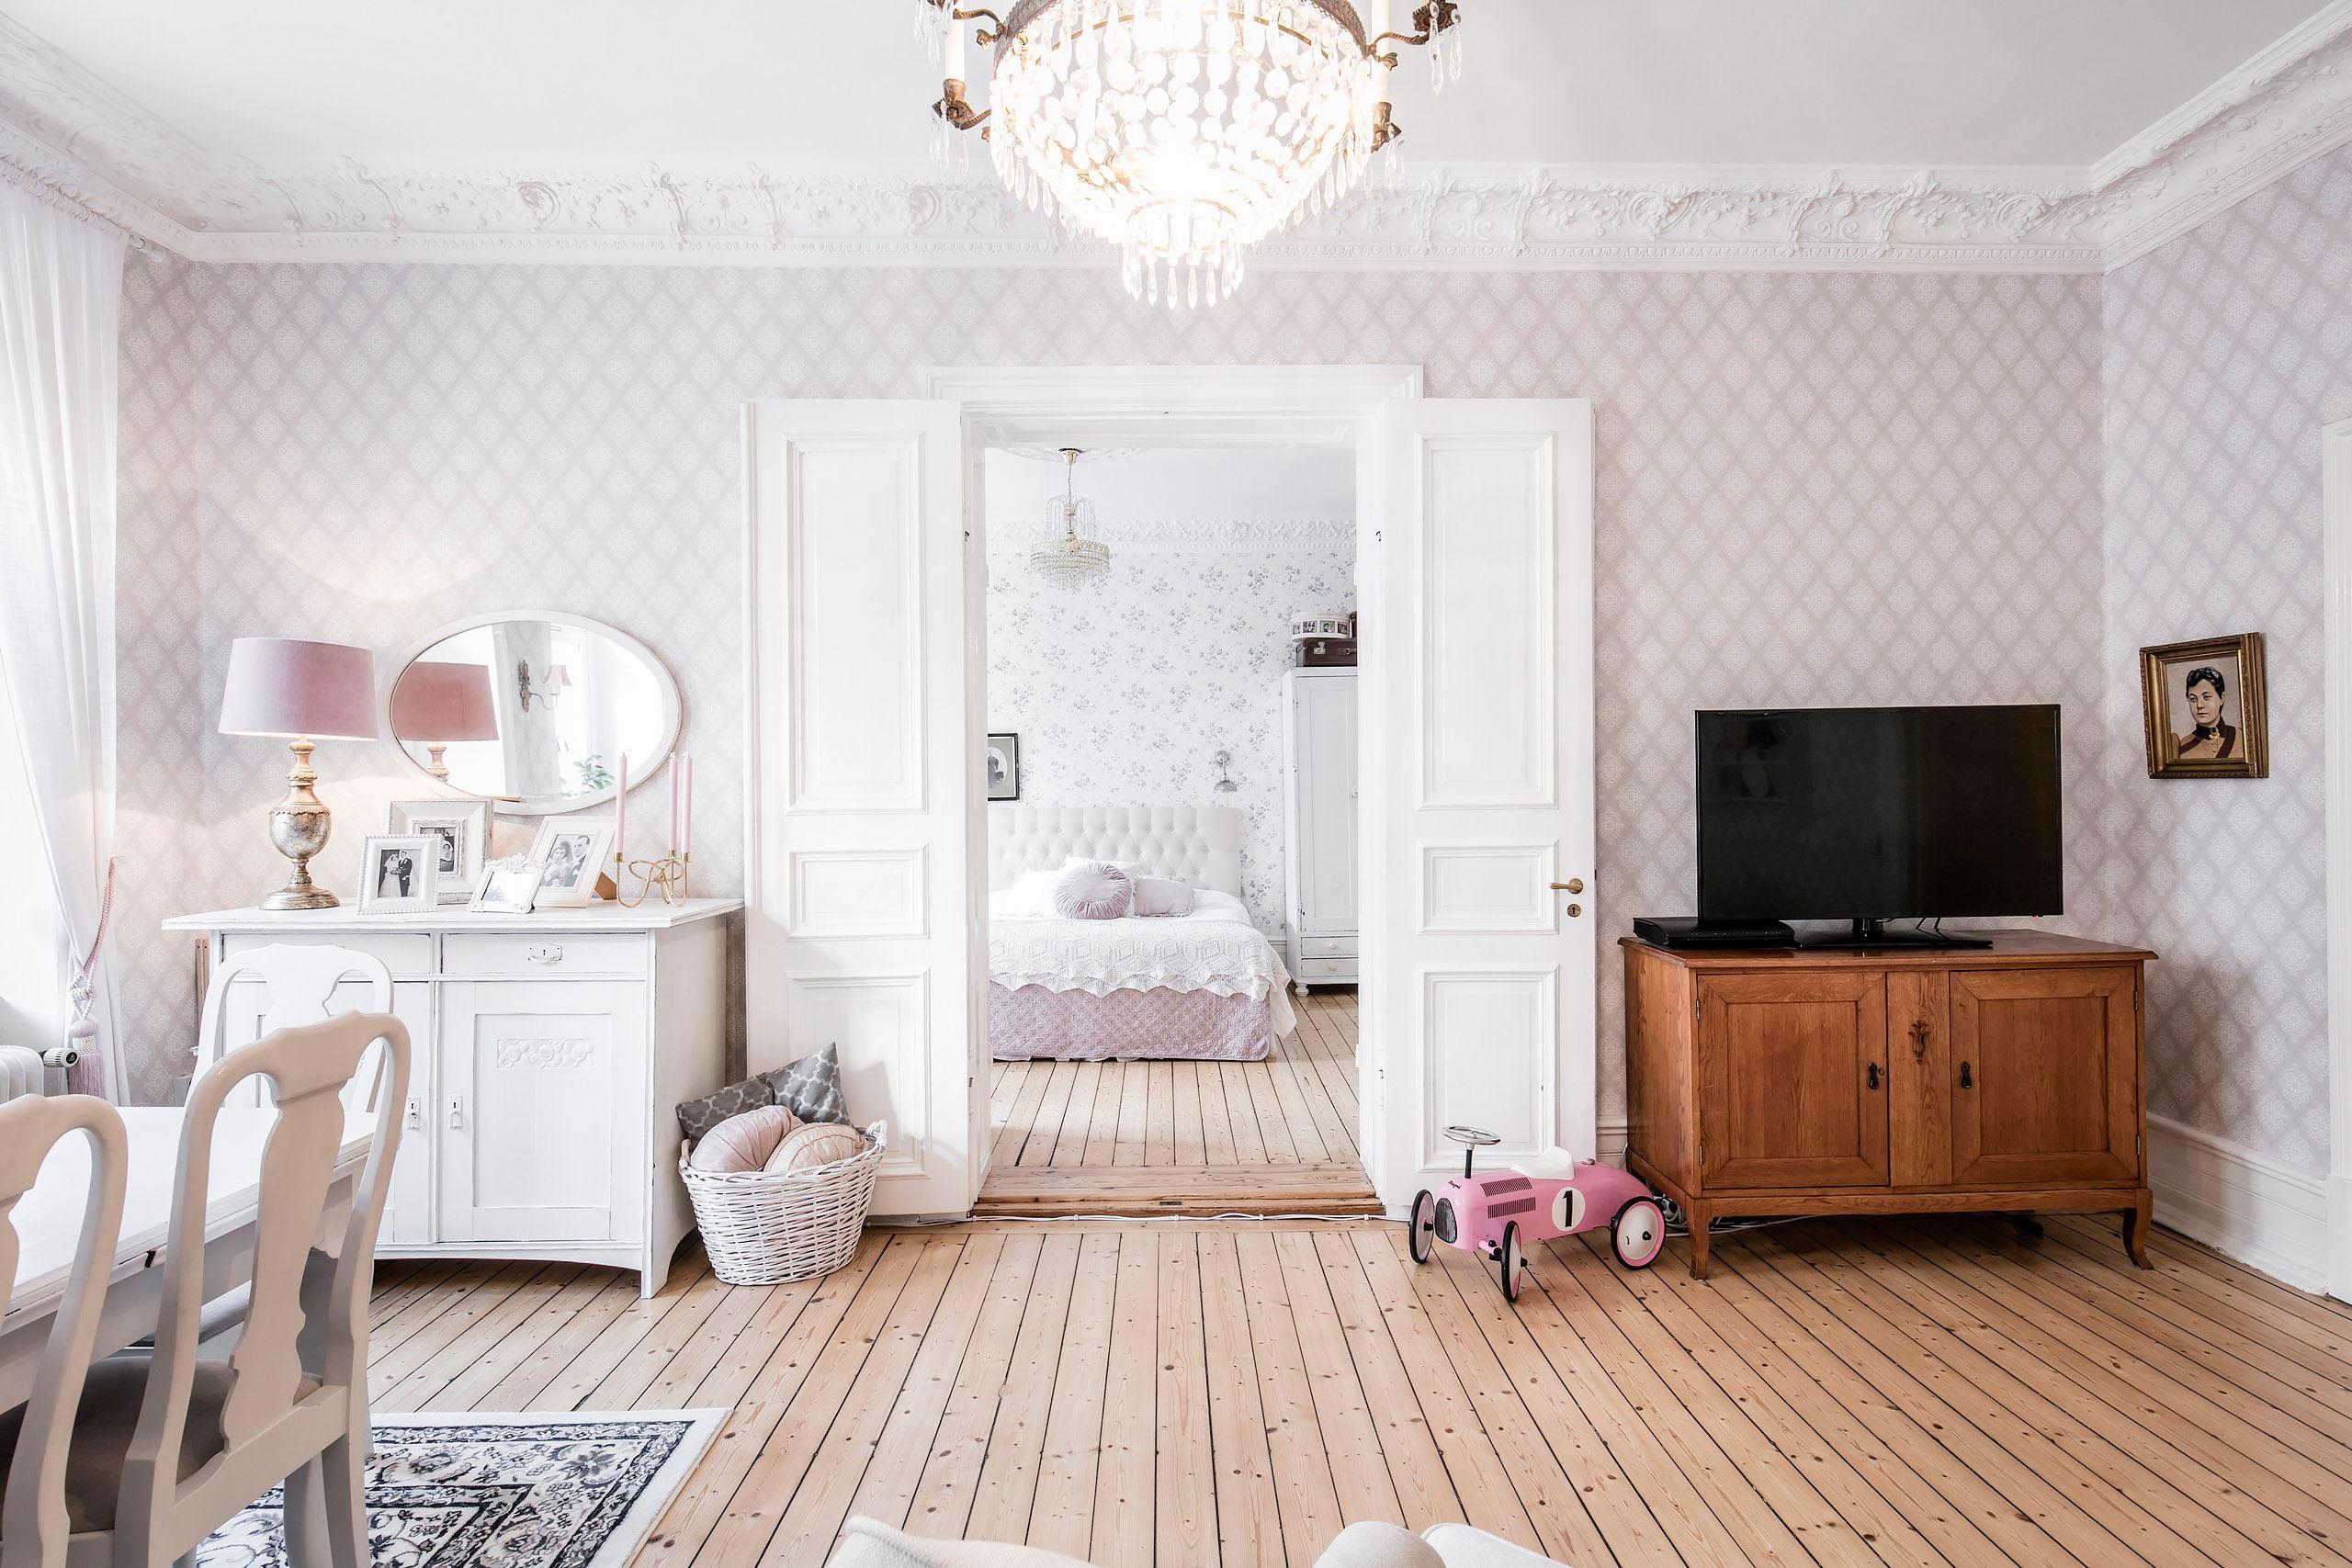 распашные белые стены комоды телевизор обои деревянный пол корзина машина сигара